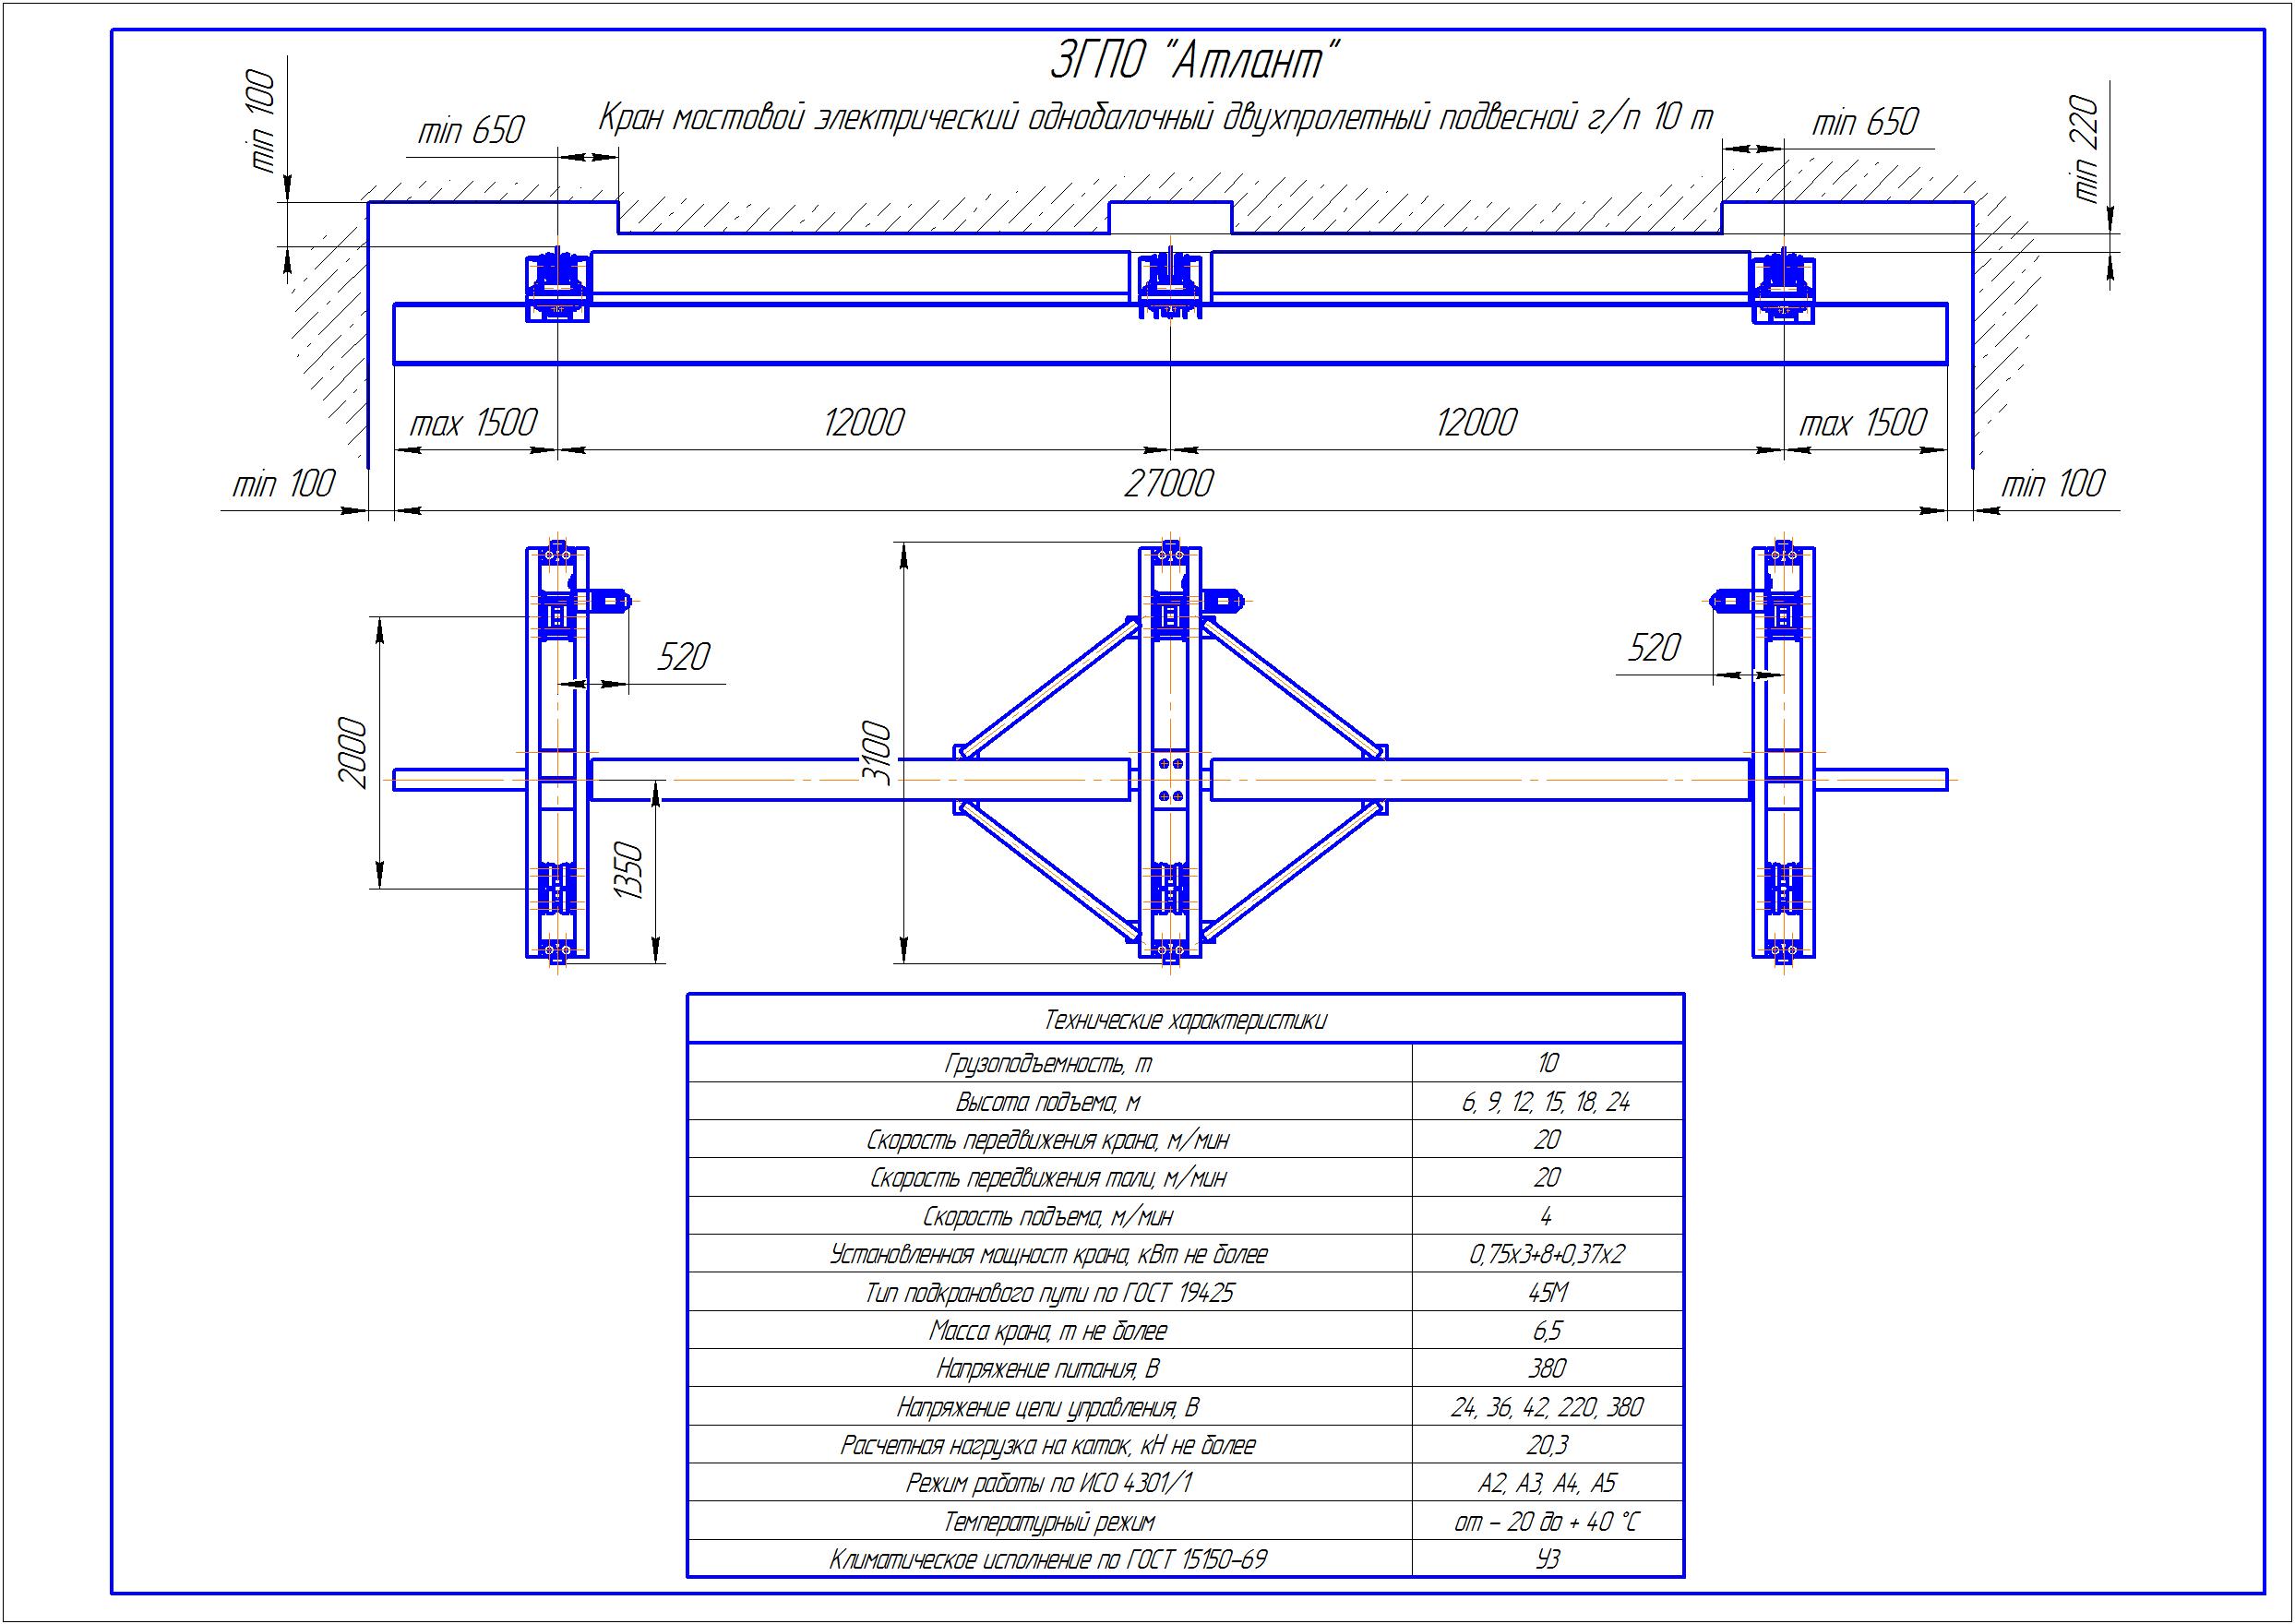 KBPD 7 4 - Подвесная кран балка двухпролетная